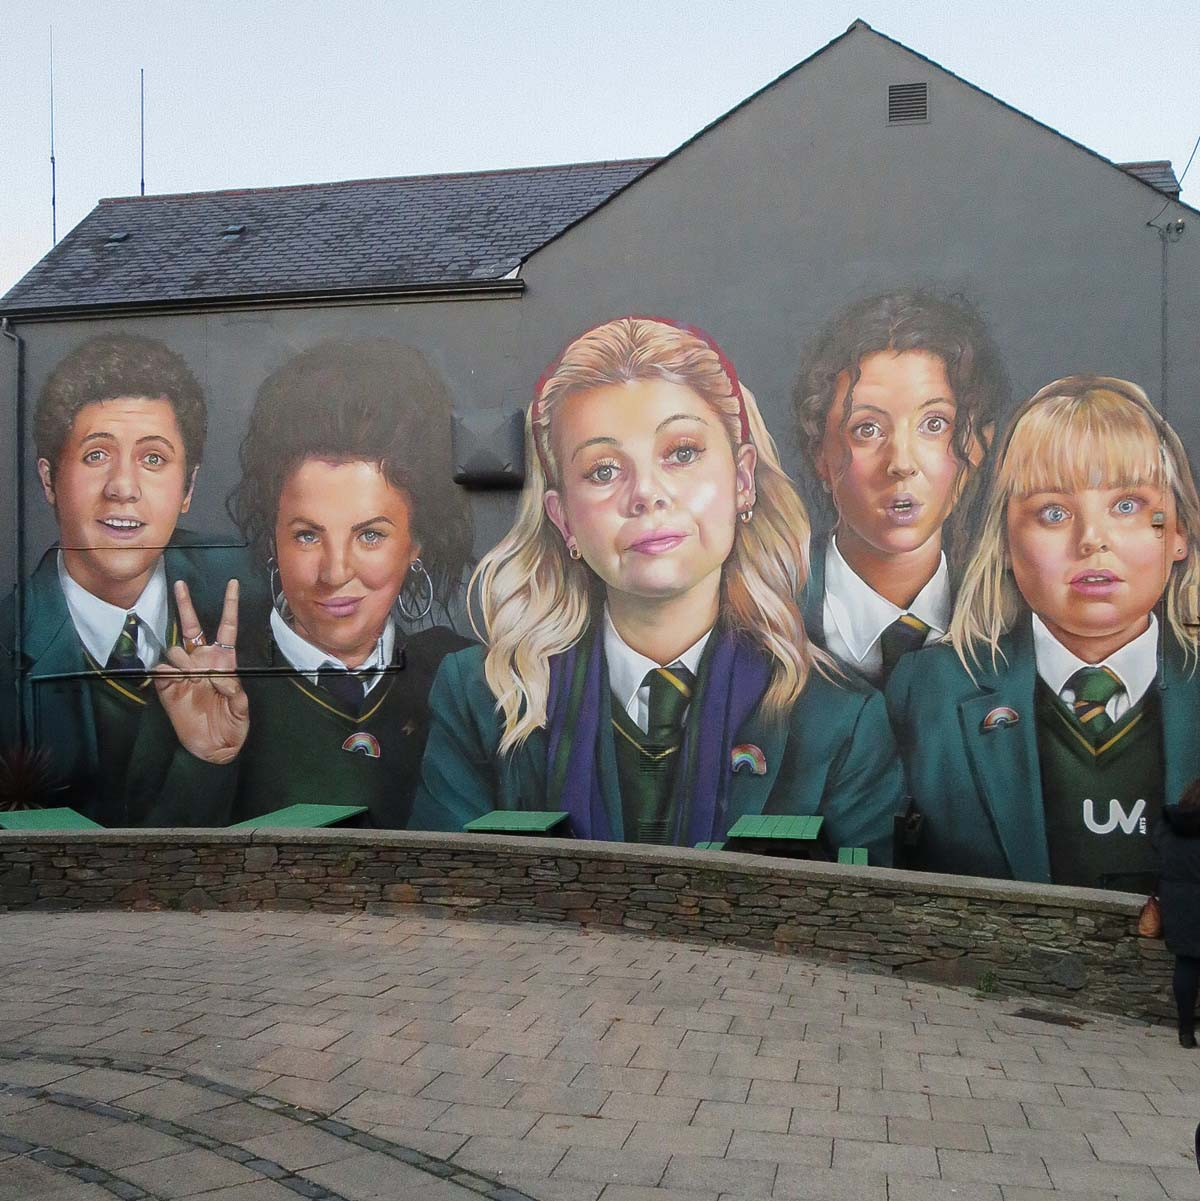 Stedentrip Derry-Londonderry: bezienswaardigheden en tips, Derry Girls mural